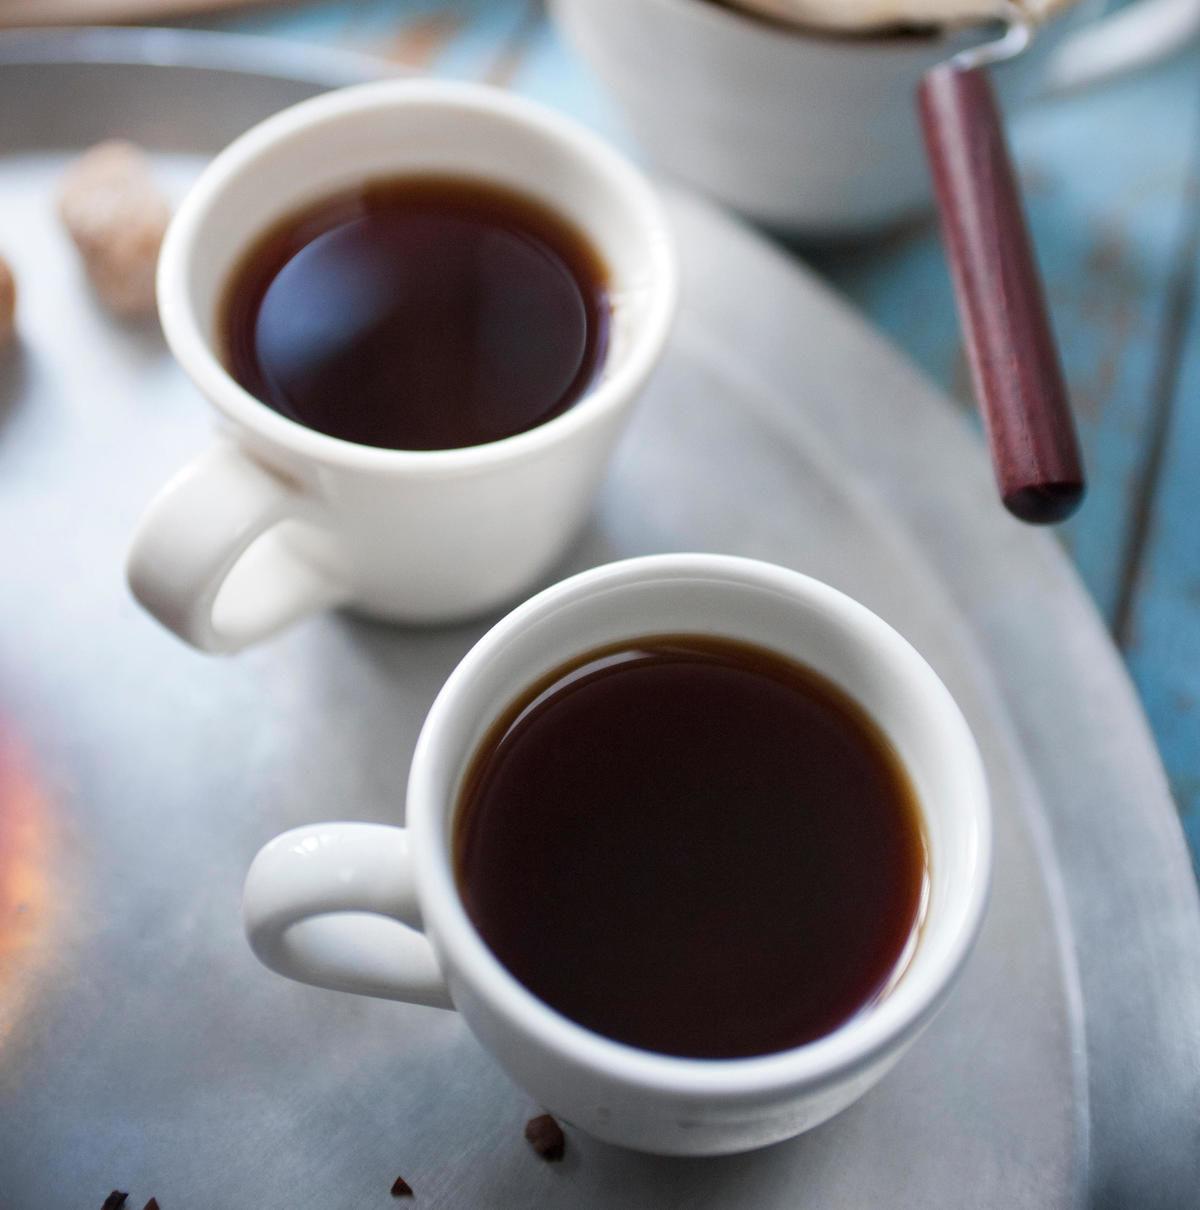 EX6XR8 Cafe (Caffe) Touba